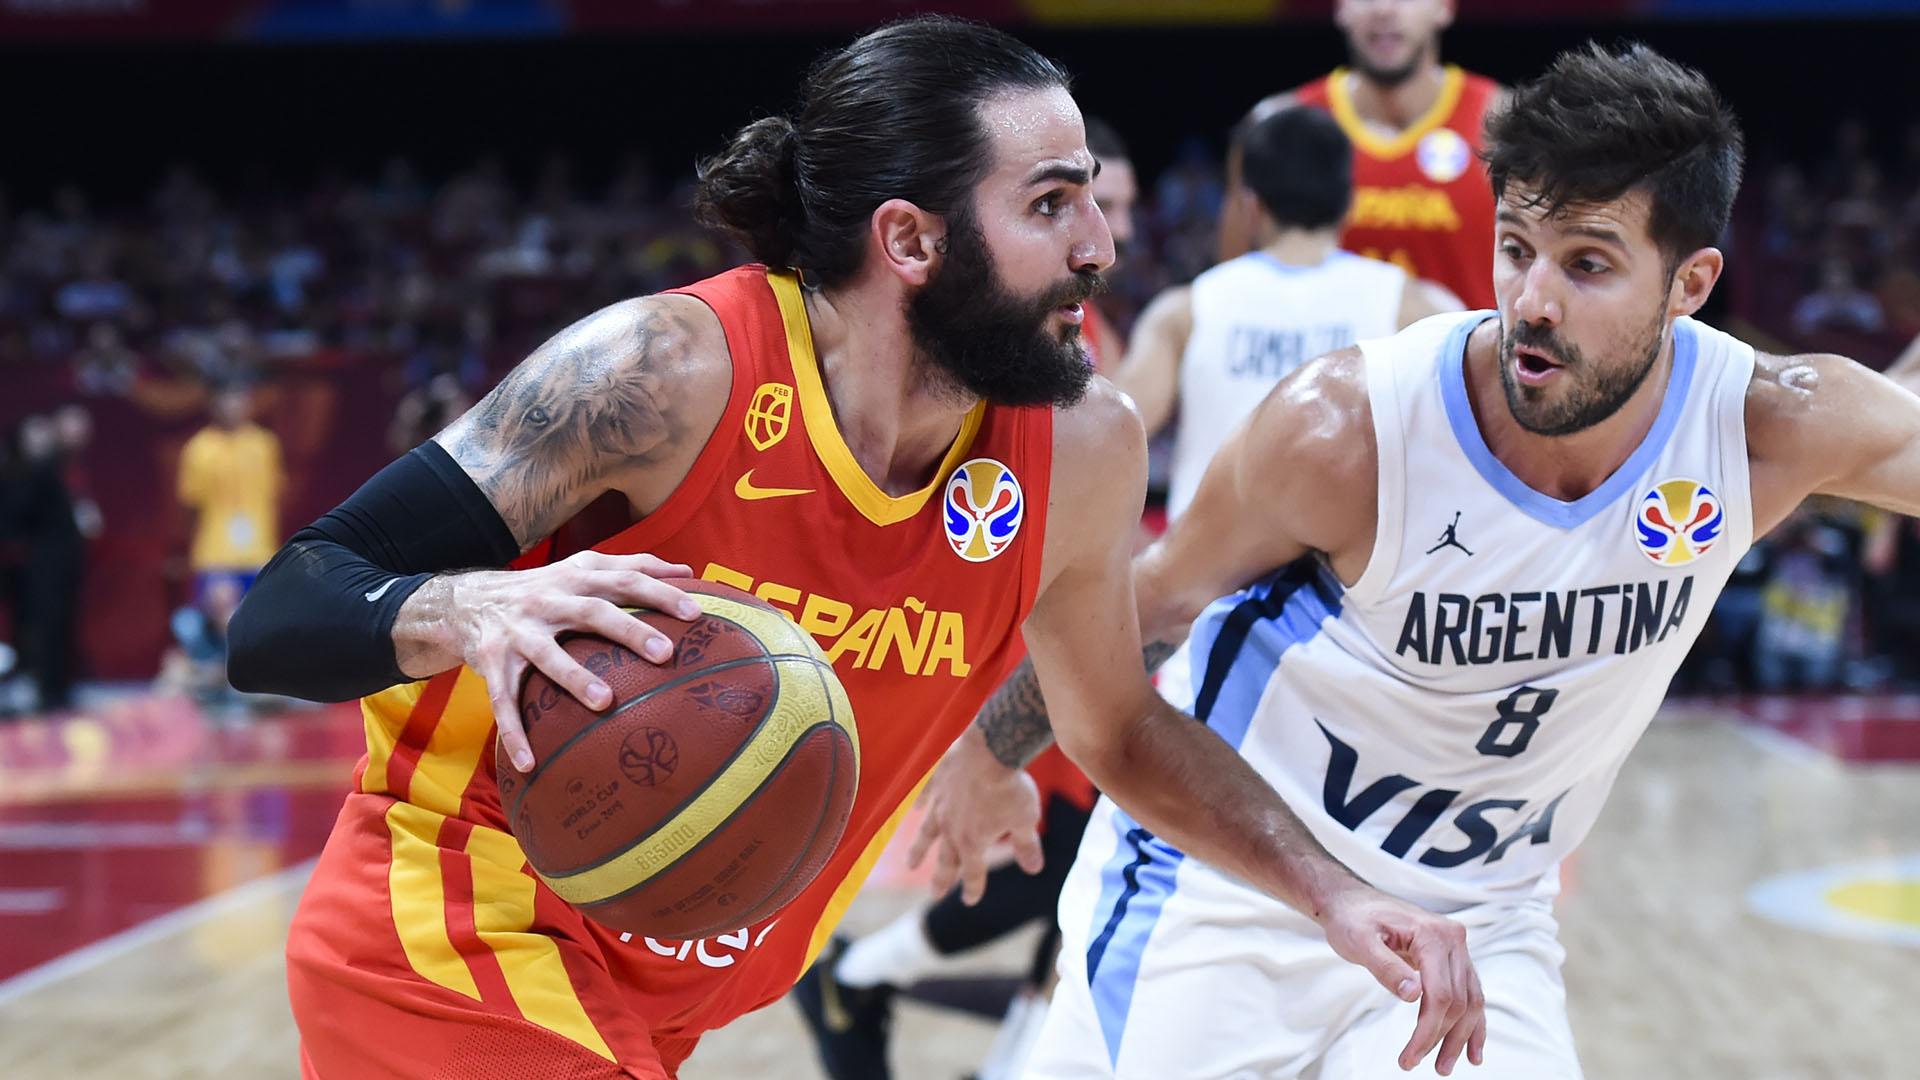 El MVP del campeonato, Ricky Rubio frente a Laprovittola. (AFP)